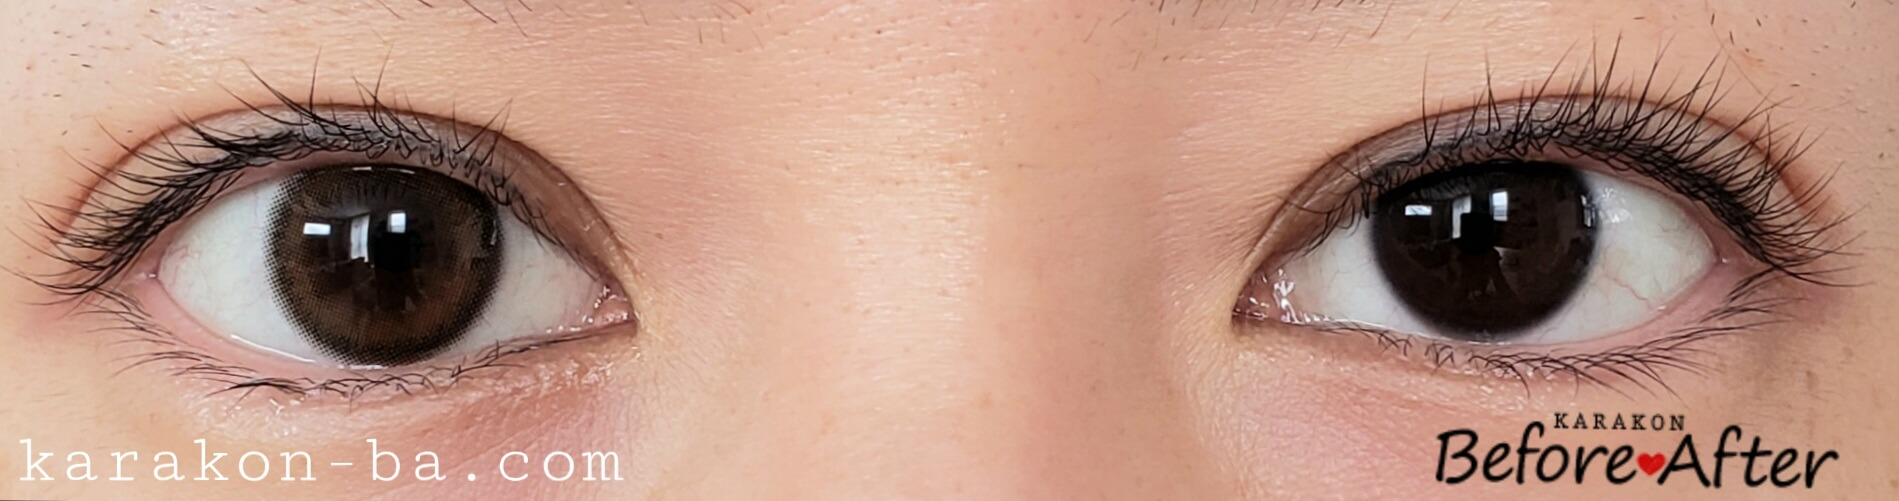 モカラブのカラコン装着画像/裸眼と比較